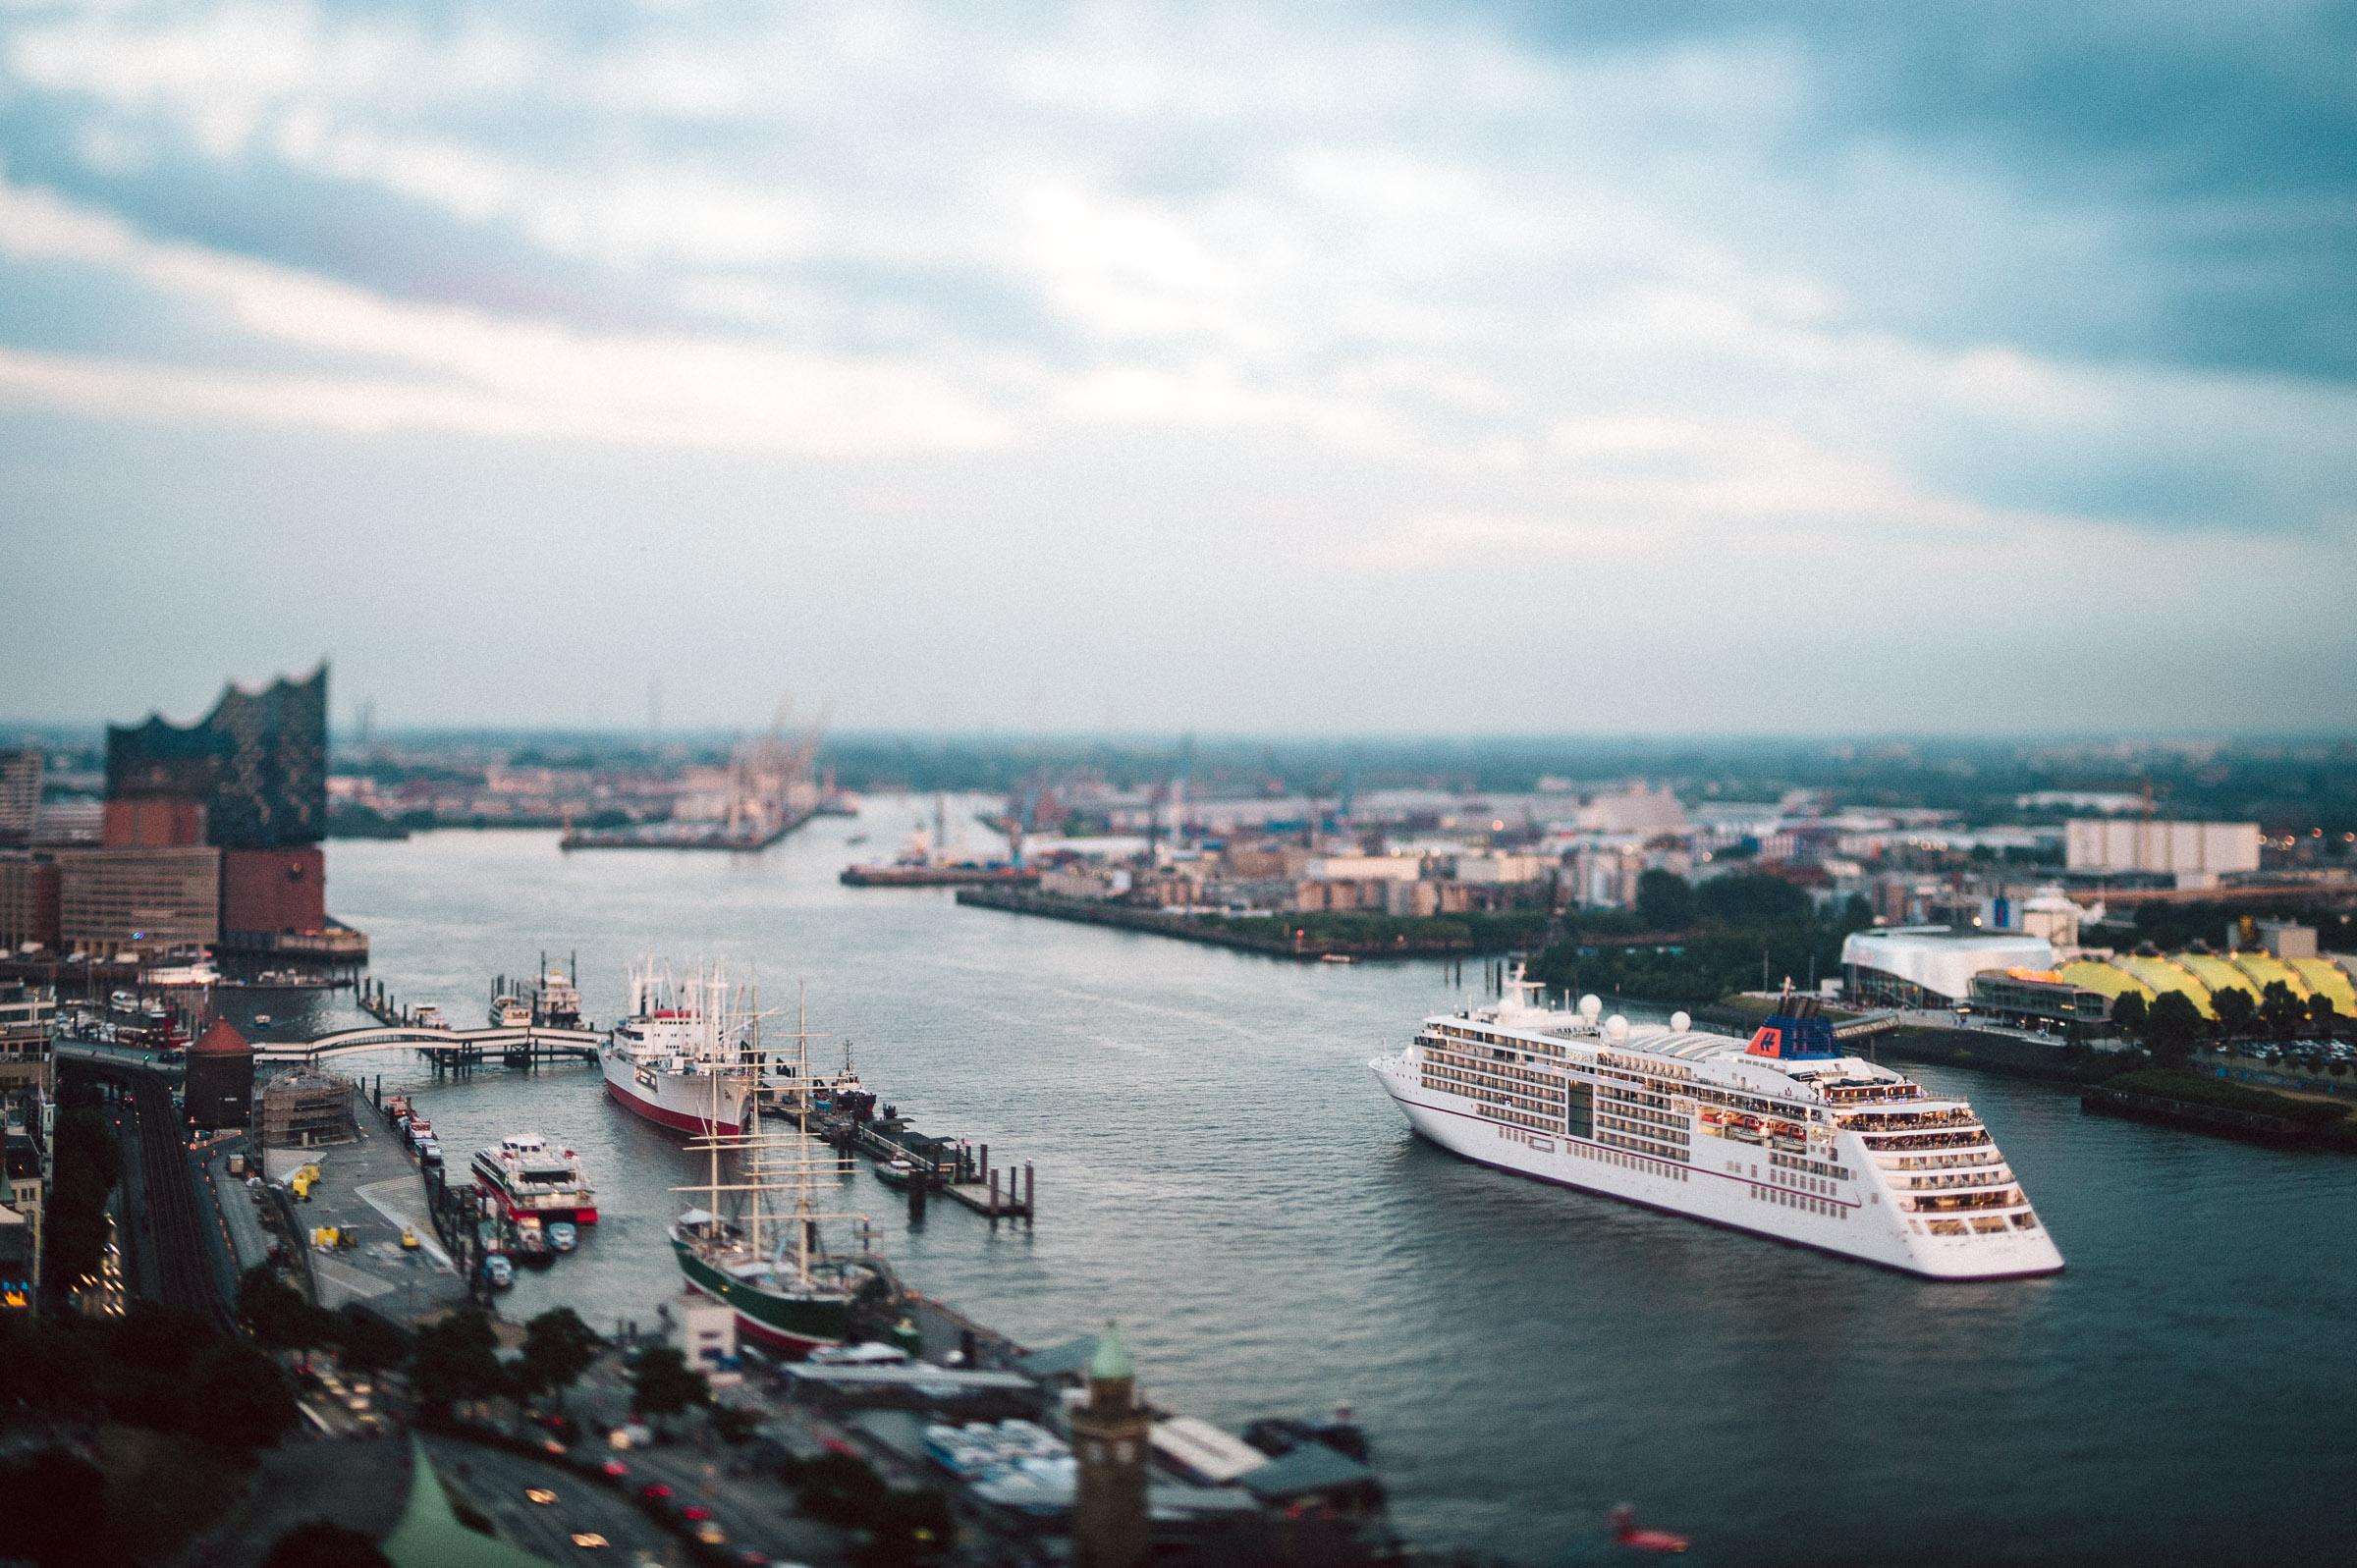 WERBUNG | Blick auf den Hafen der schönsten Stadt der Welt. Der Freien und Hansestadt Hamburg.